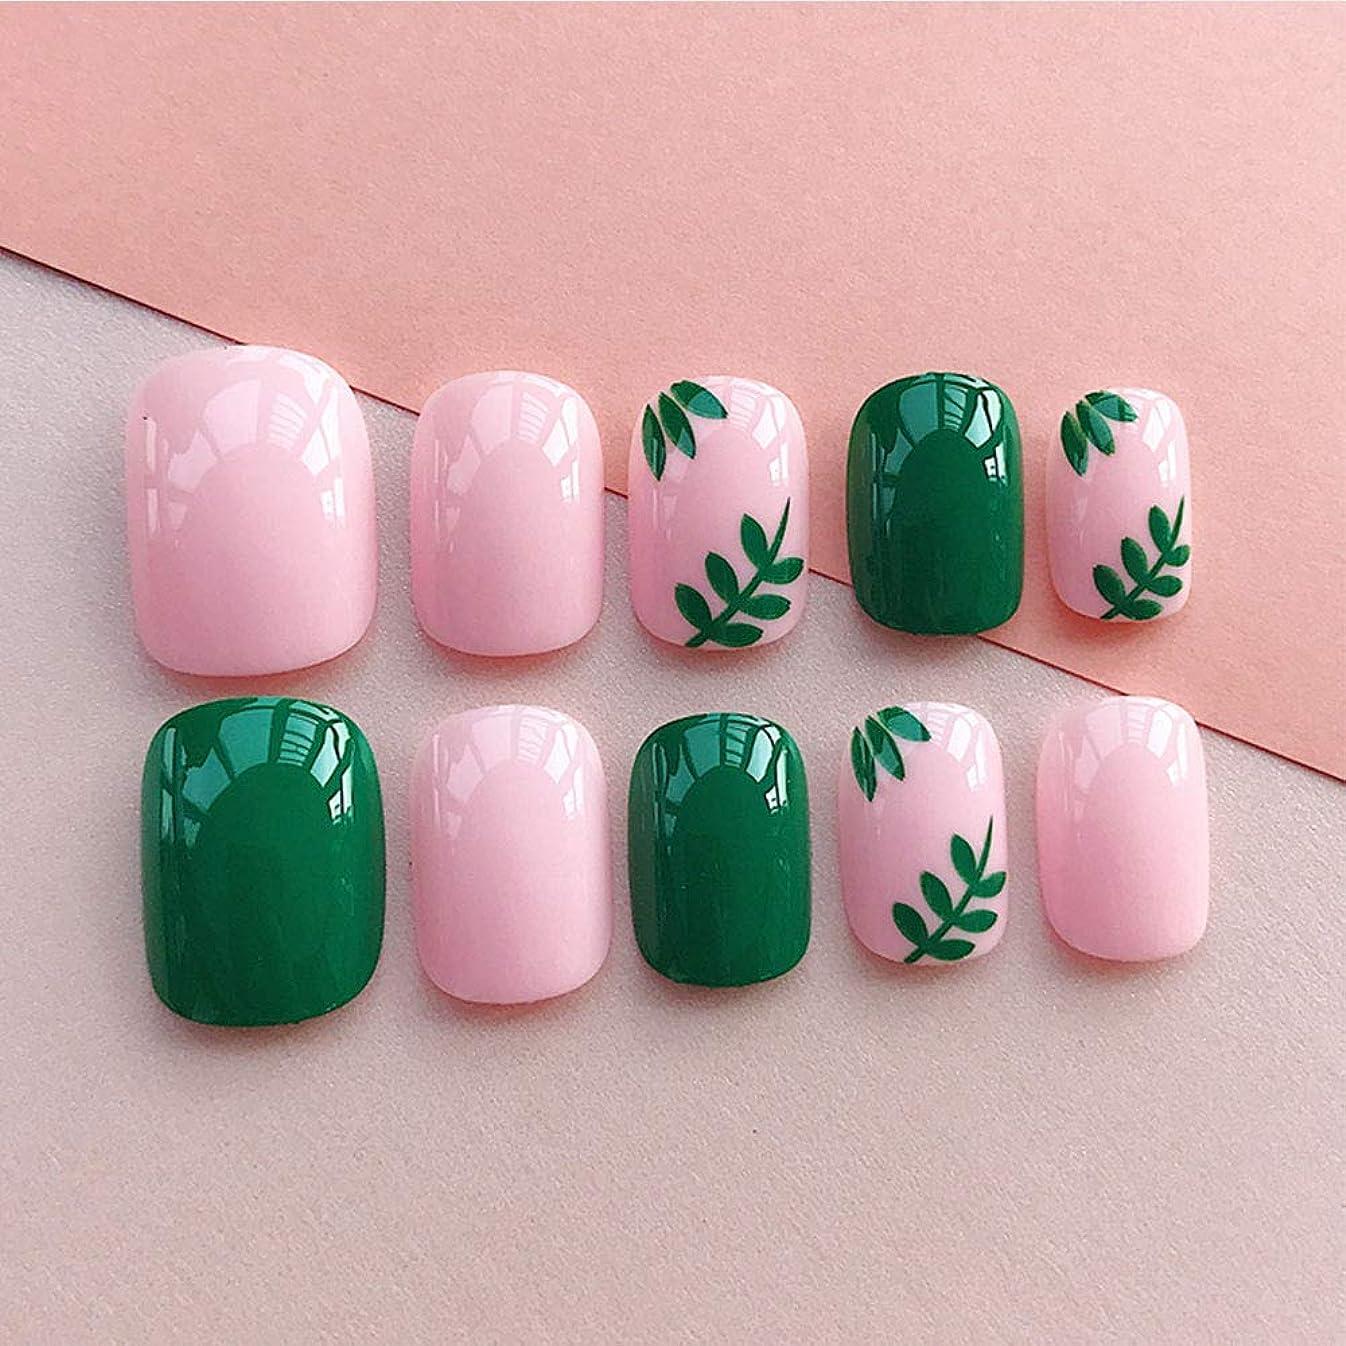 叫び声まだら力LIARTY ネイルチップ 夏の ピンク 緑の葉 優雅 短い 四角形 フルカバー 24枚 12別サイズ つ